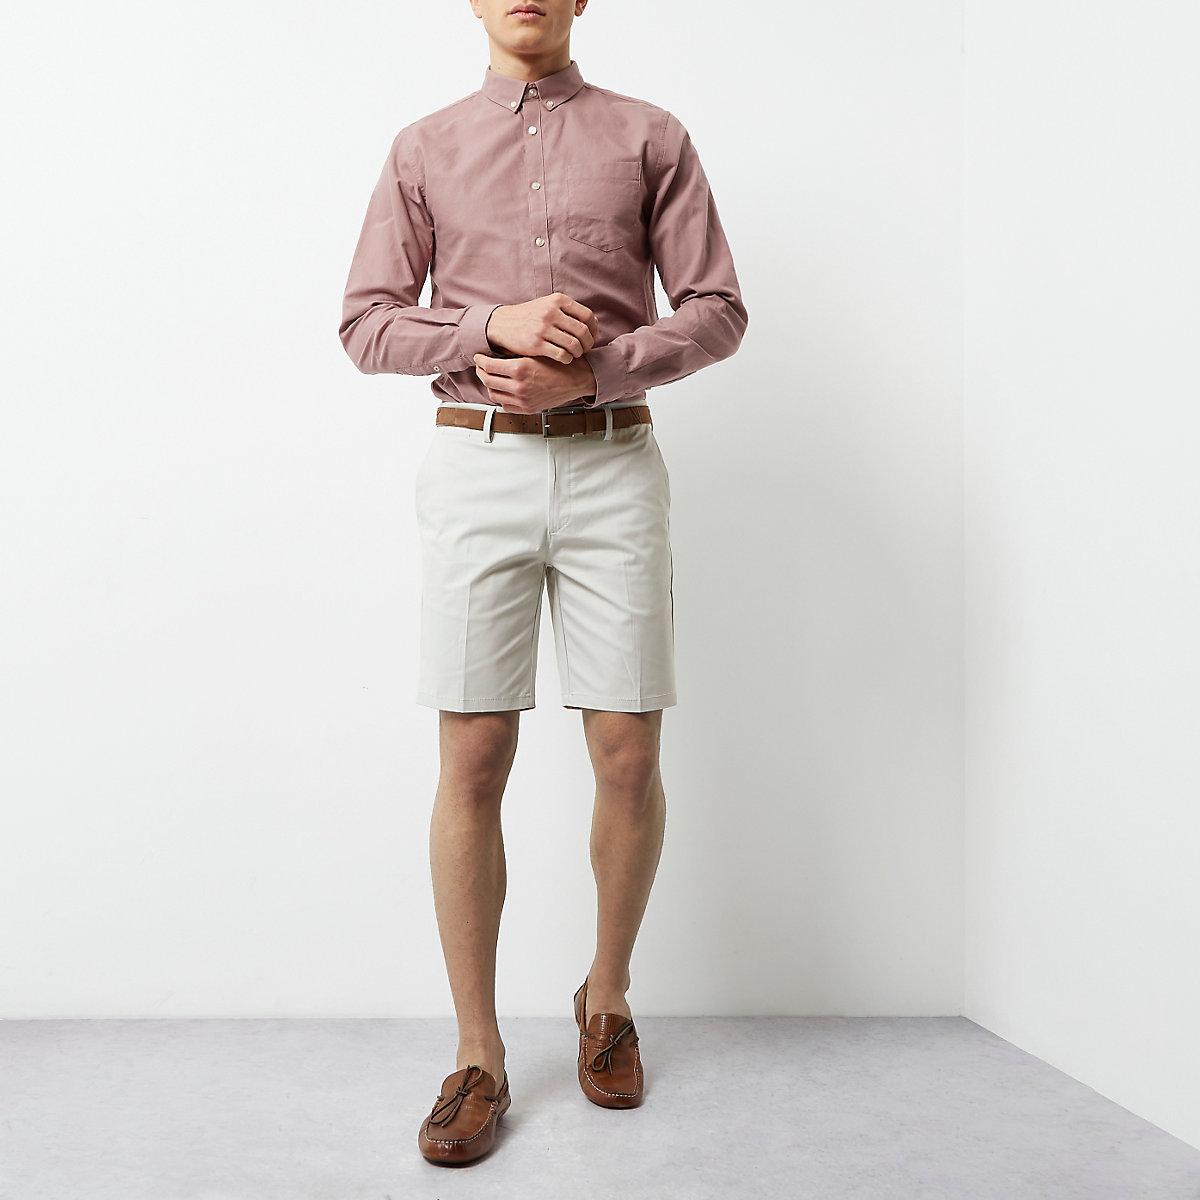 Cream belted chino shorts